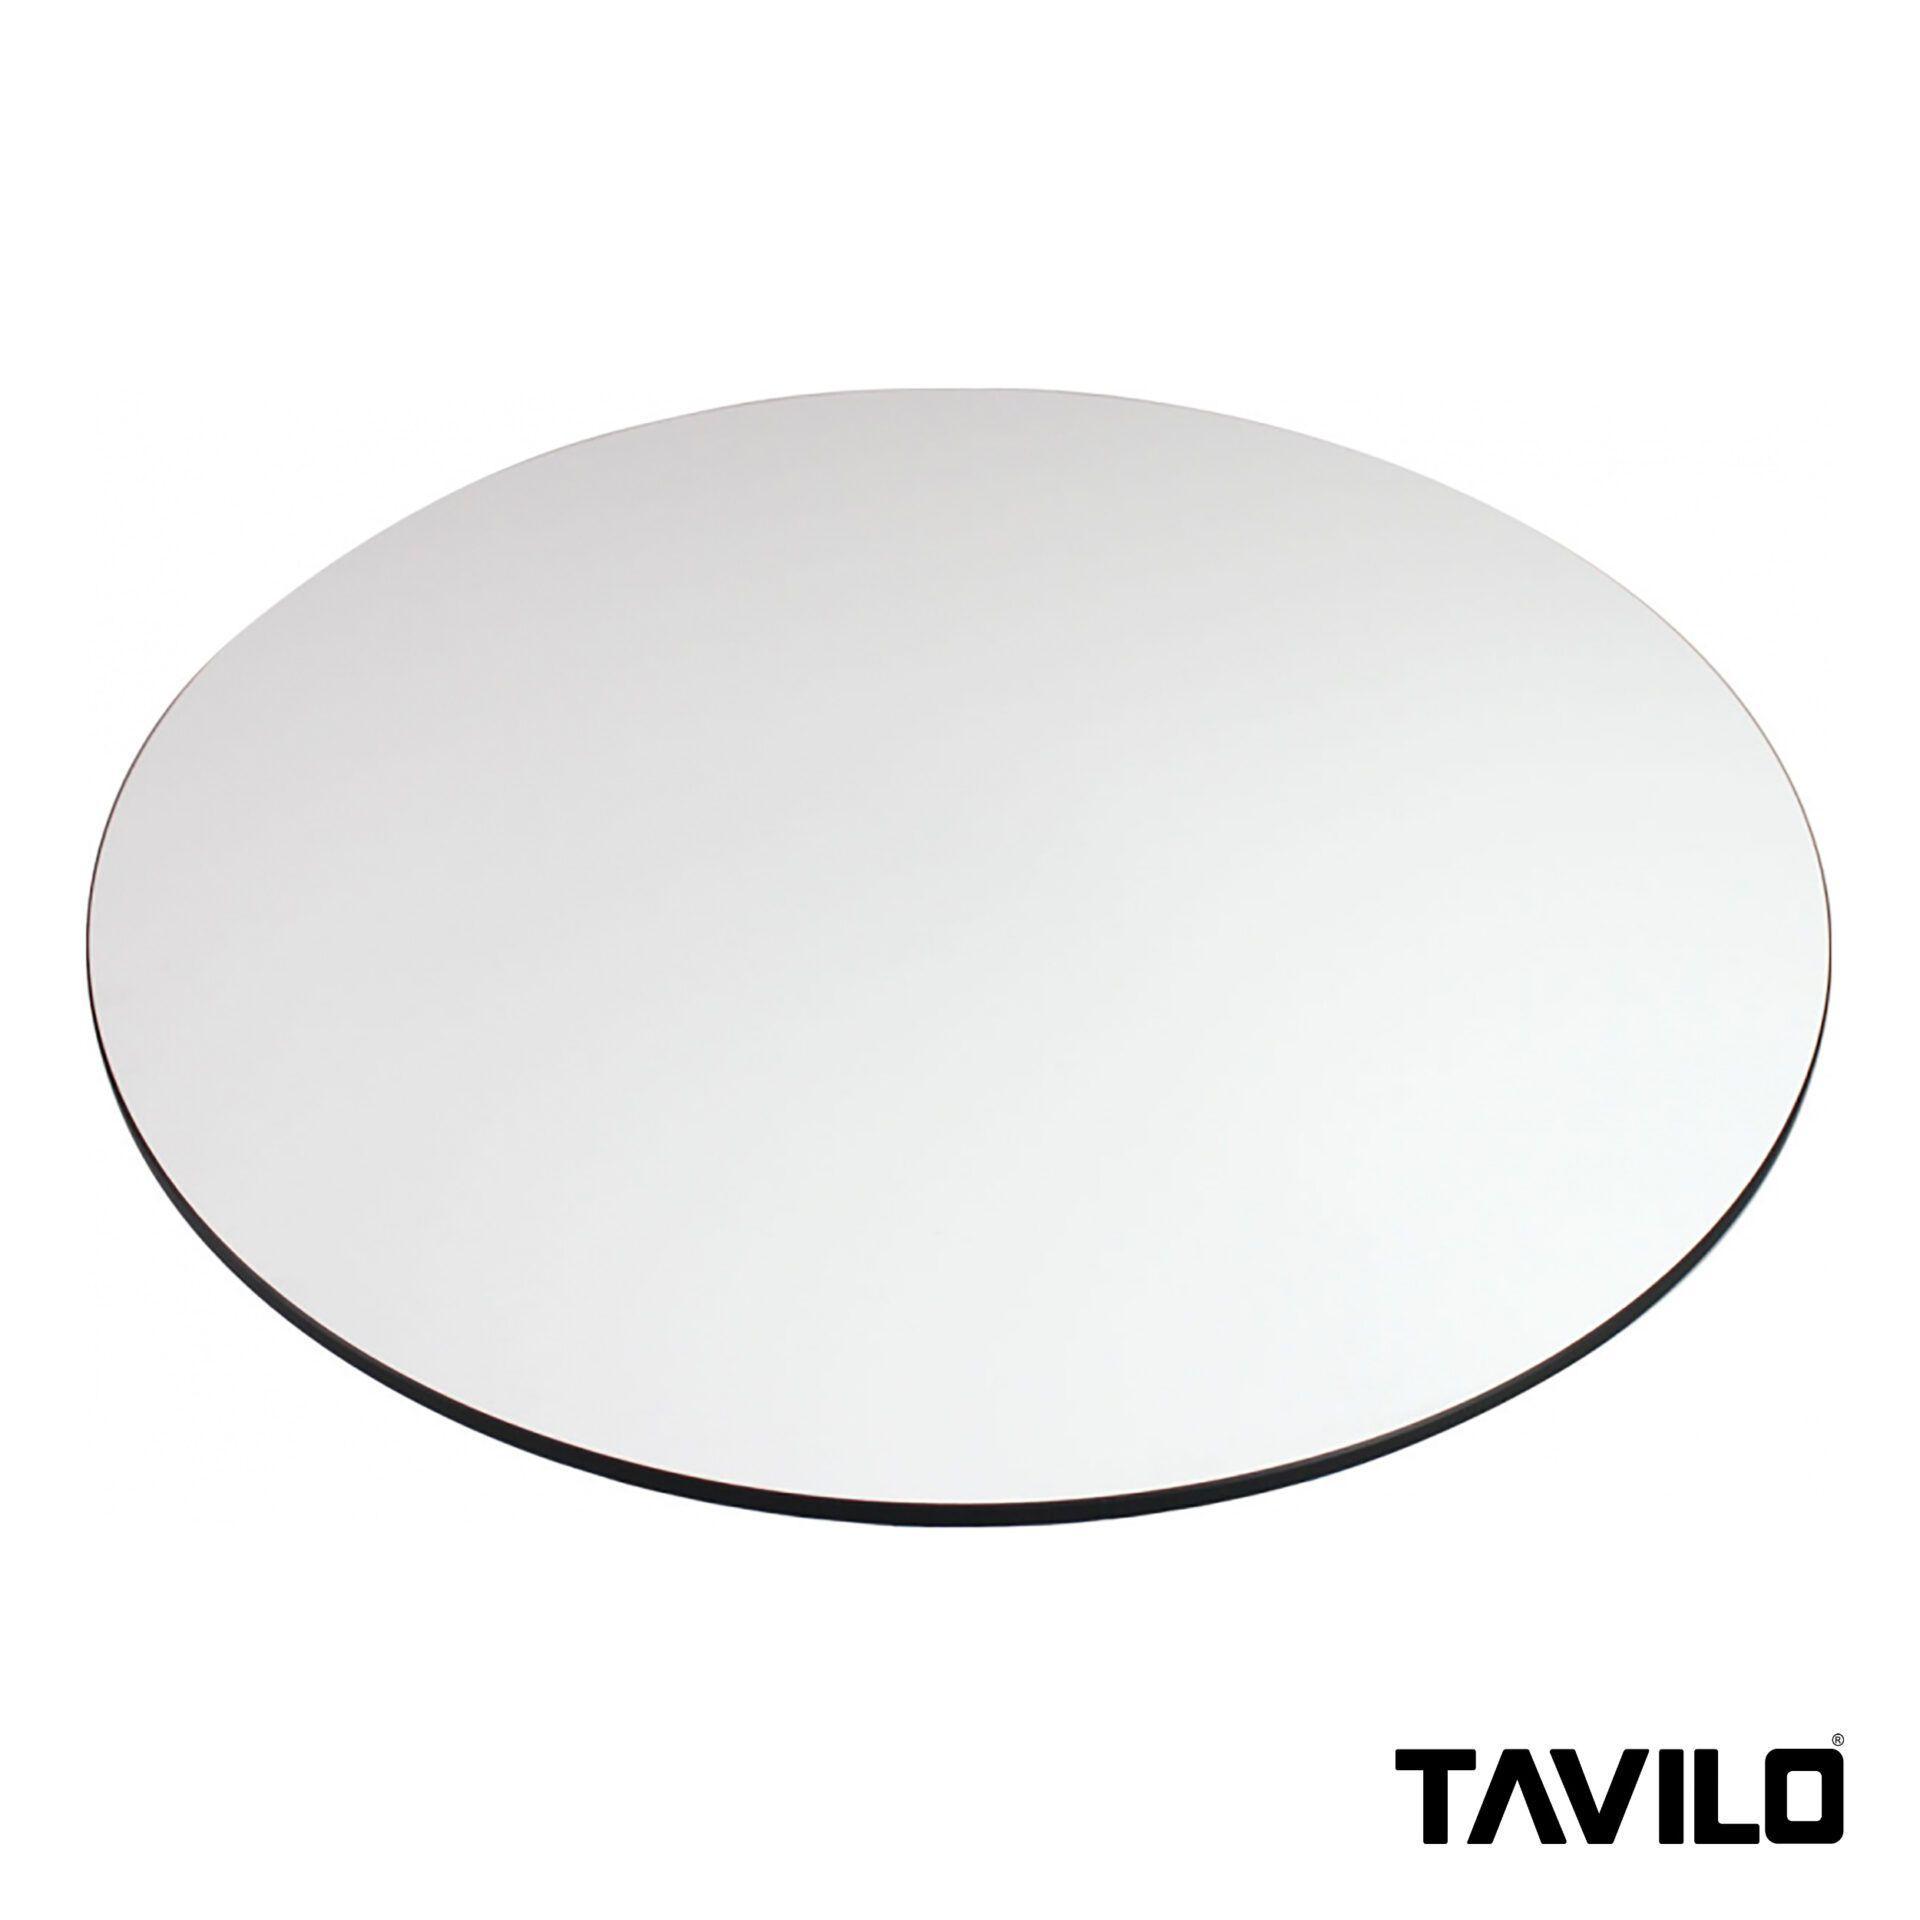 round whiteBA5g0b